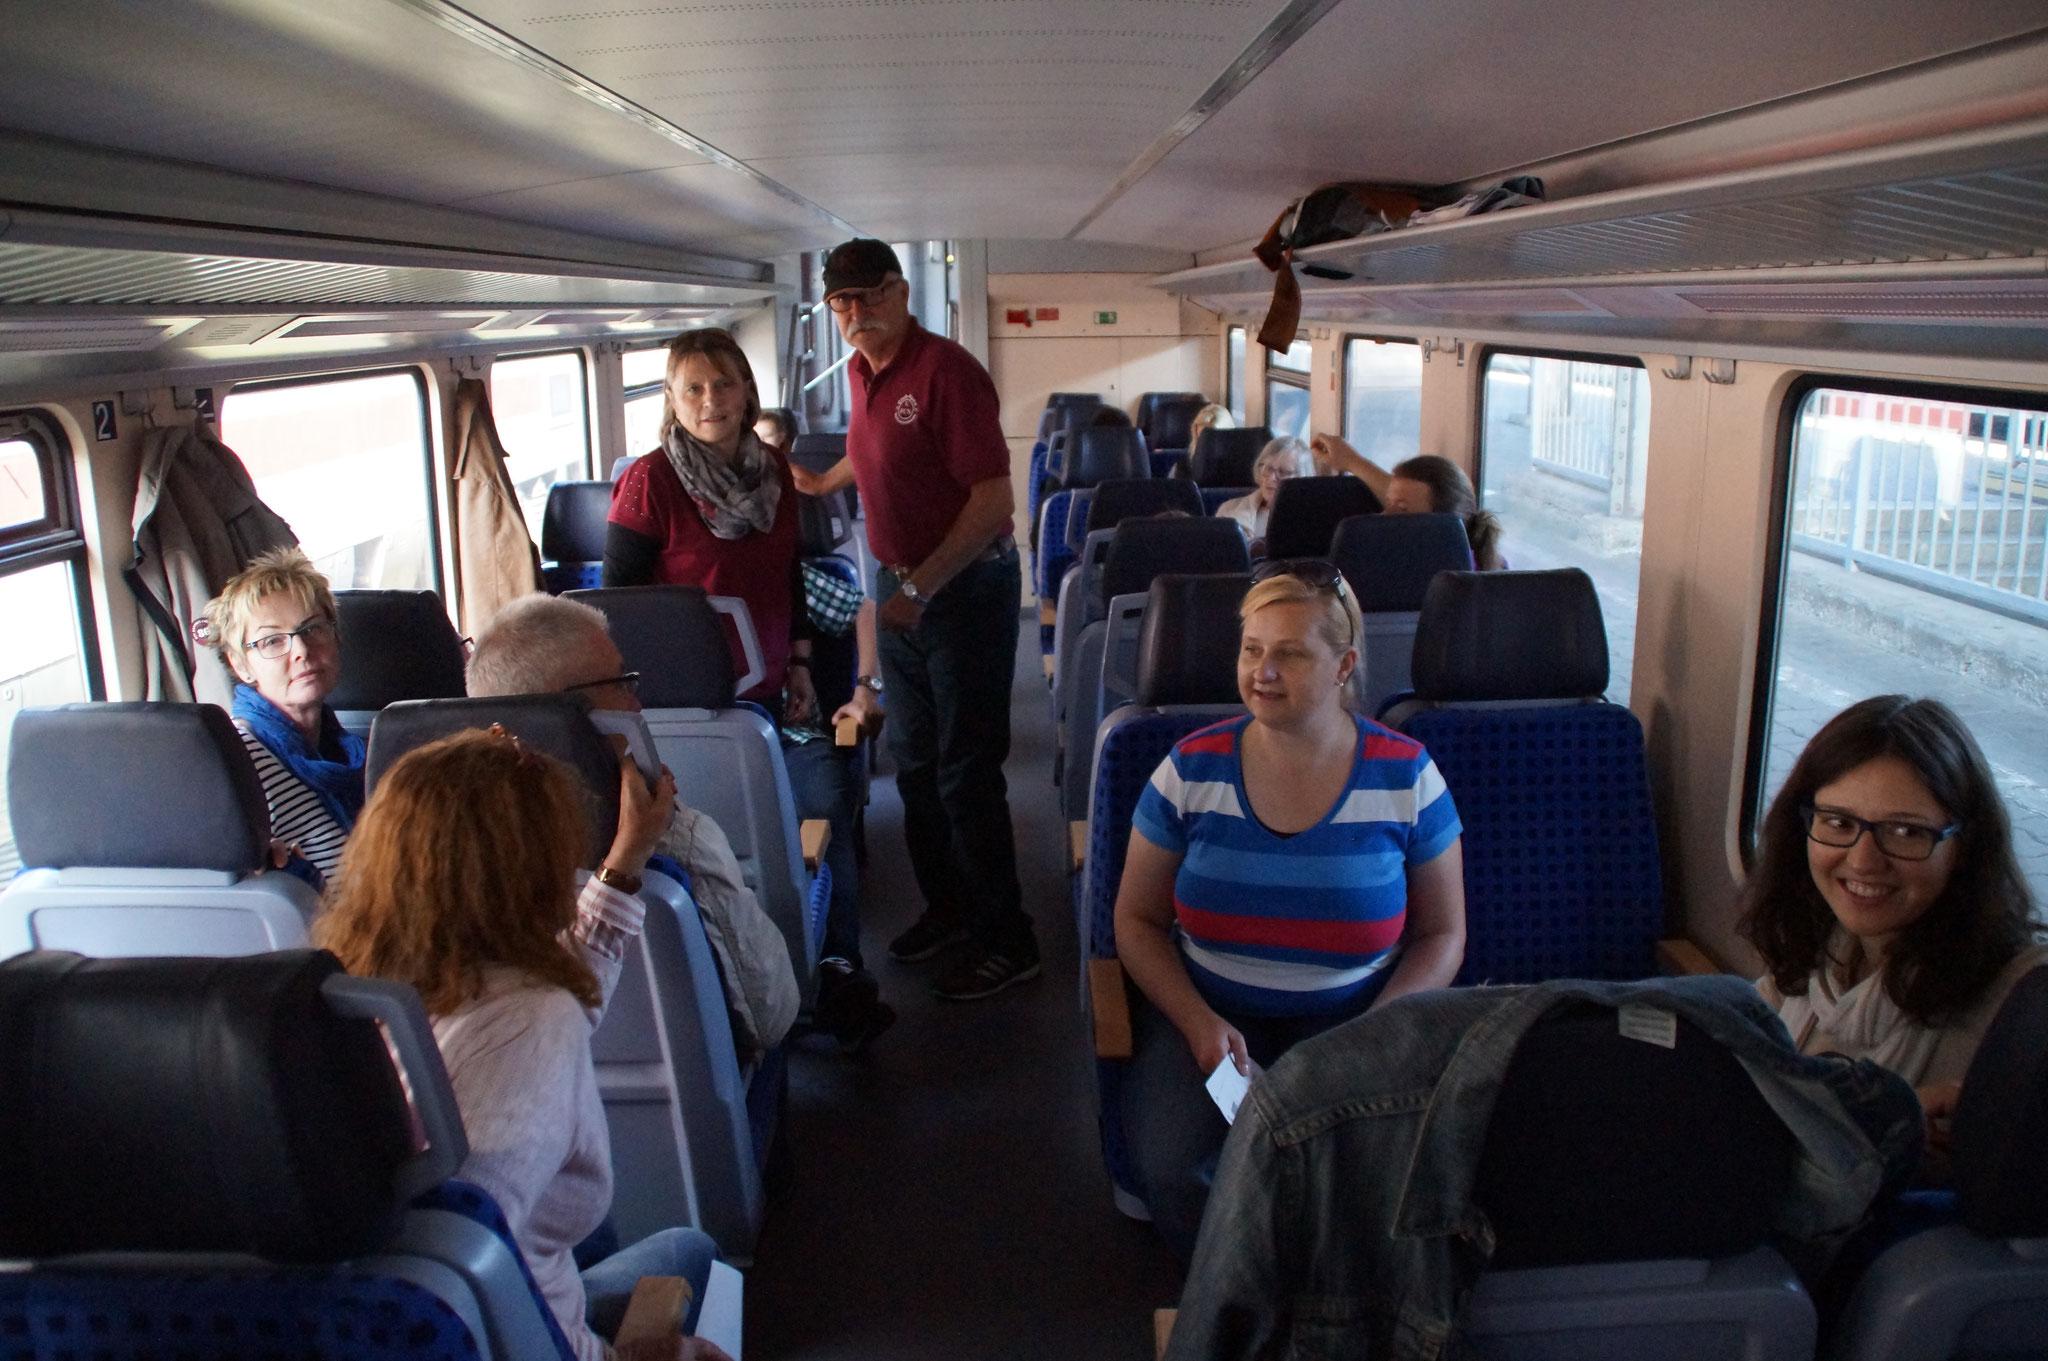 Familienausflug nach Kaiserslautern vom 20.05. - 21.05.2017